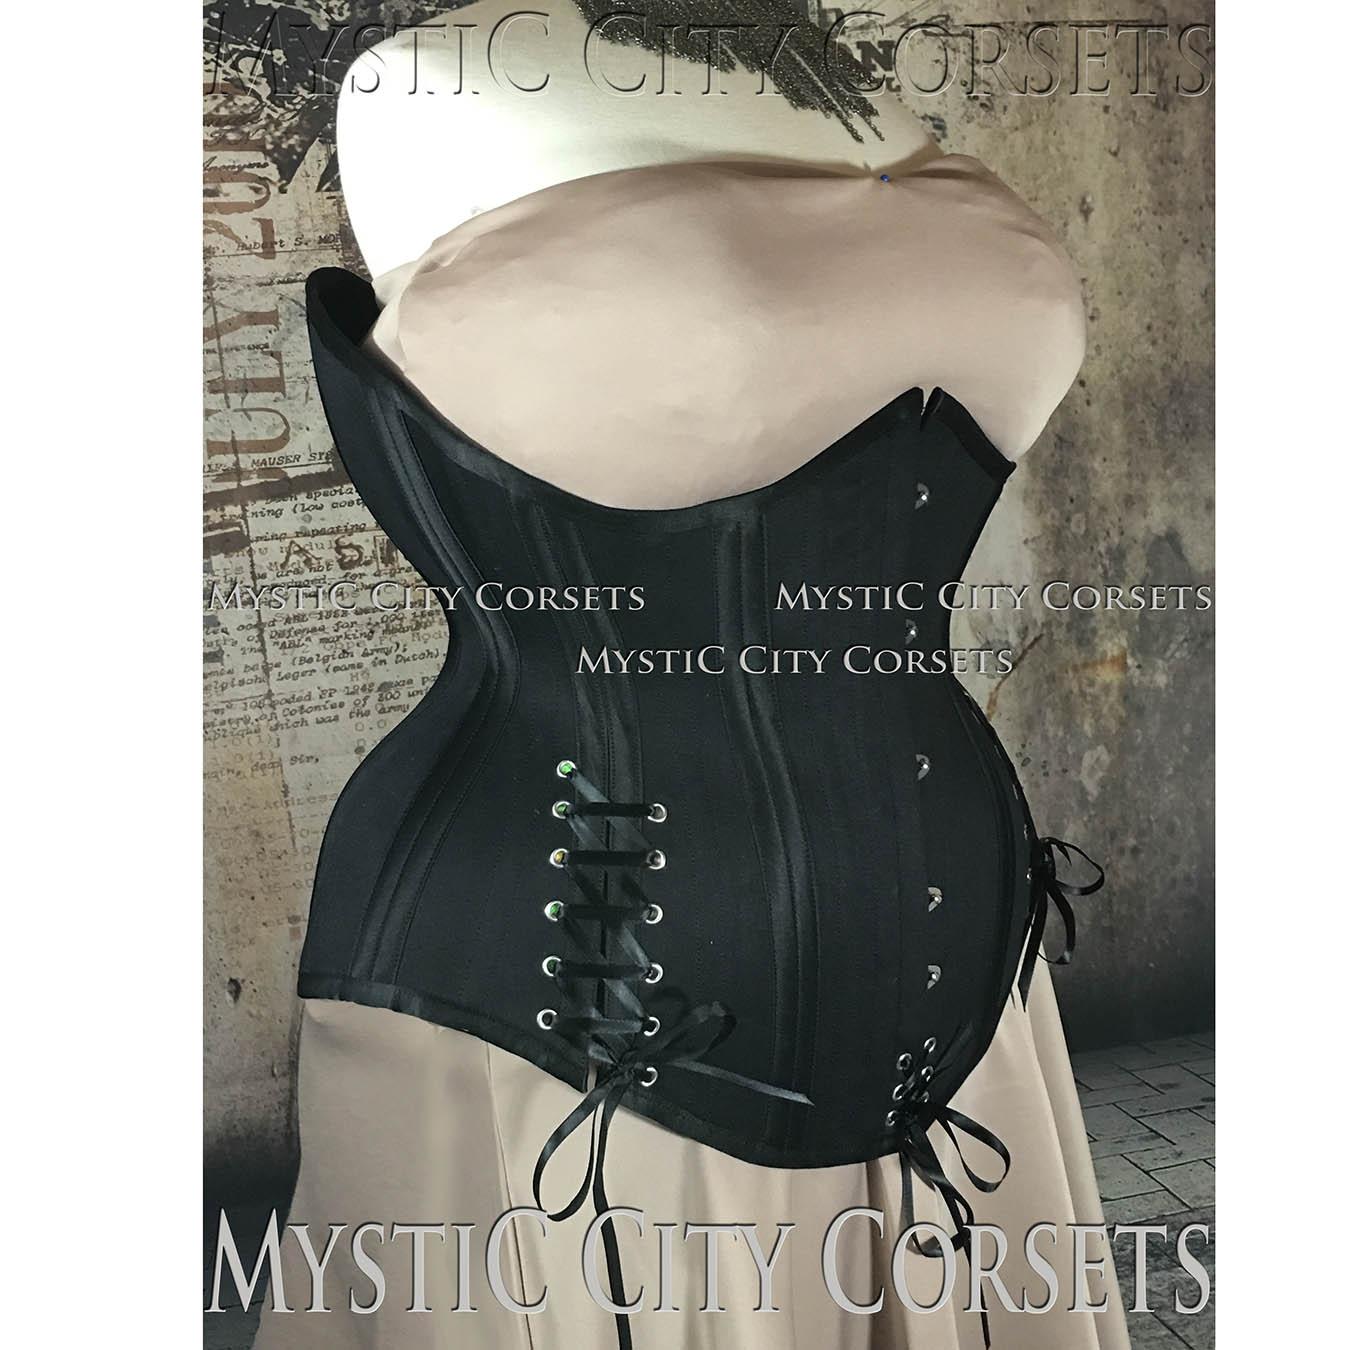 e2f373356 MCC81 Black Cotton Underbust corset Plus Size